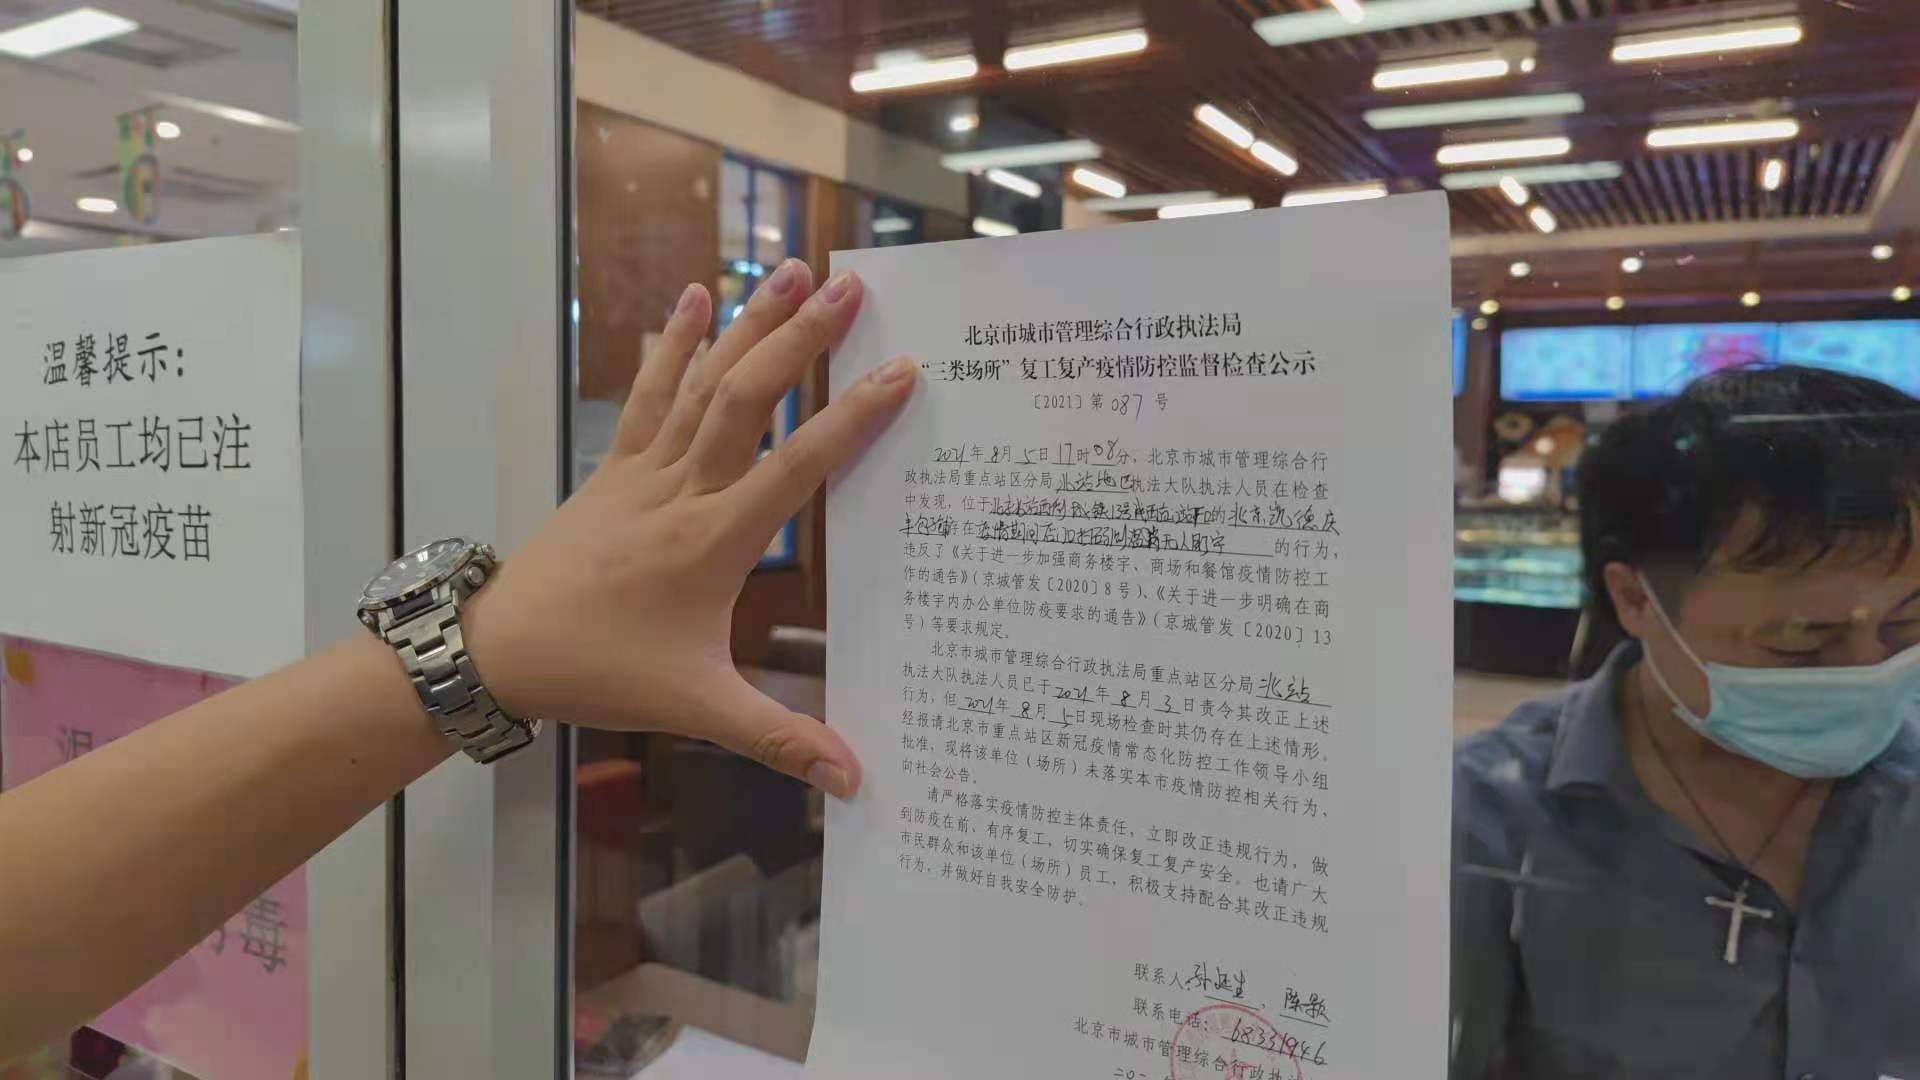 北京北站3家商户因疫情防控措施落实不到位被公示